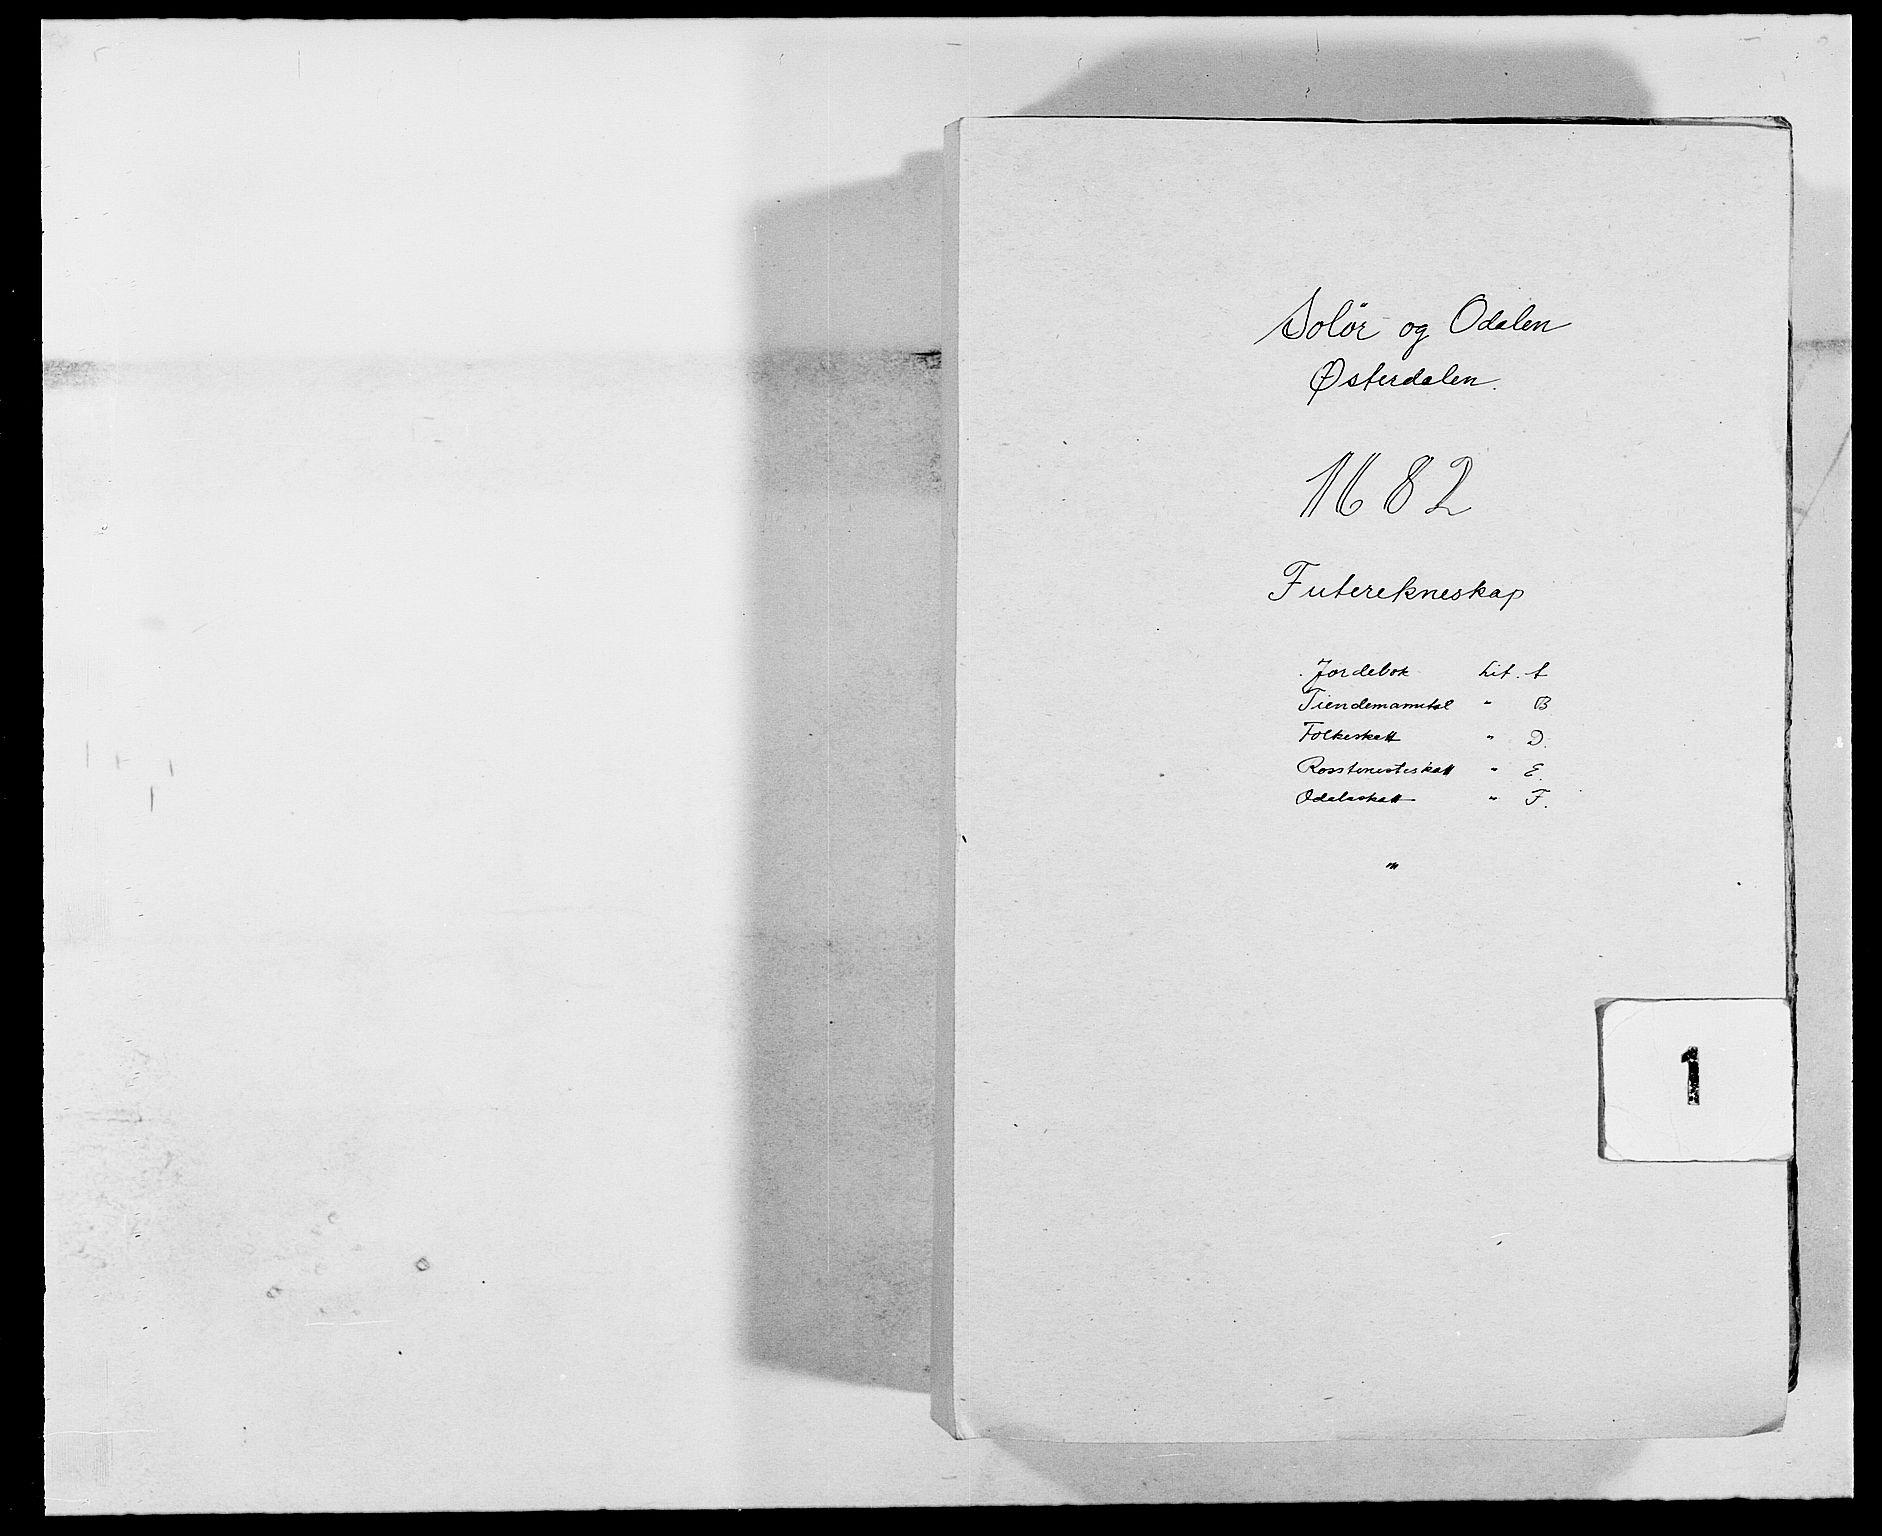 RA, Rentekammeret inntil 1814, Reviderte regnskaper, Fogderegnskap, R13/L0819: Fogderegnskap Solør, Odal og Østerdal, 1682, s. 1